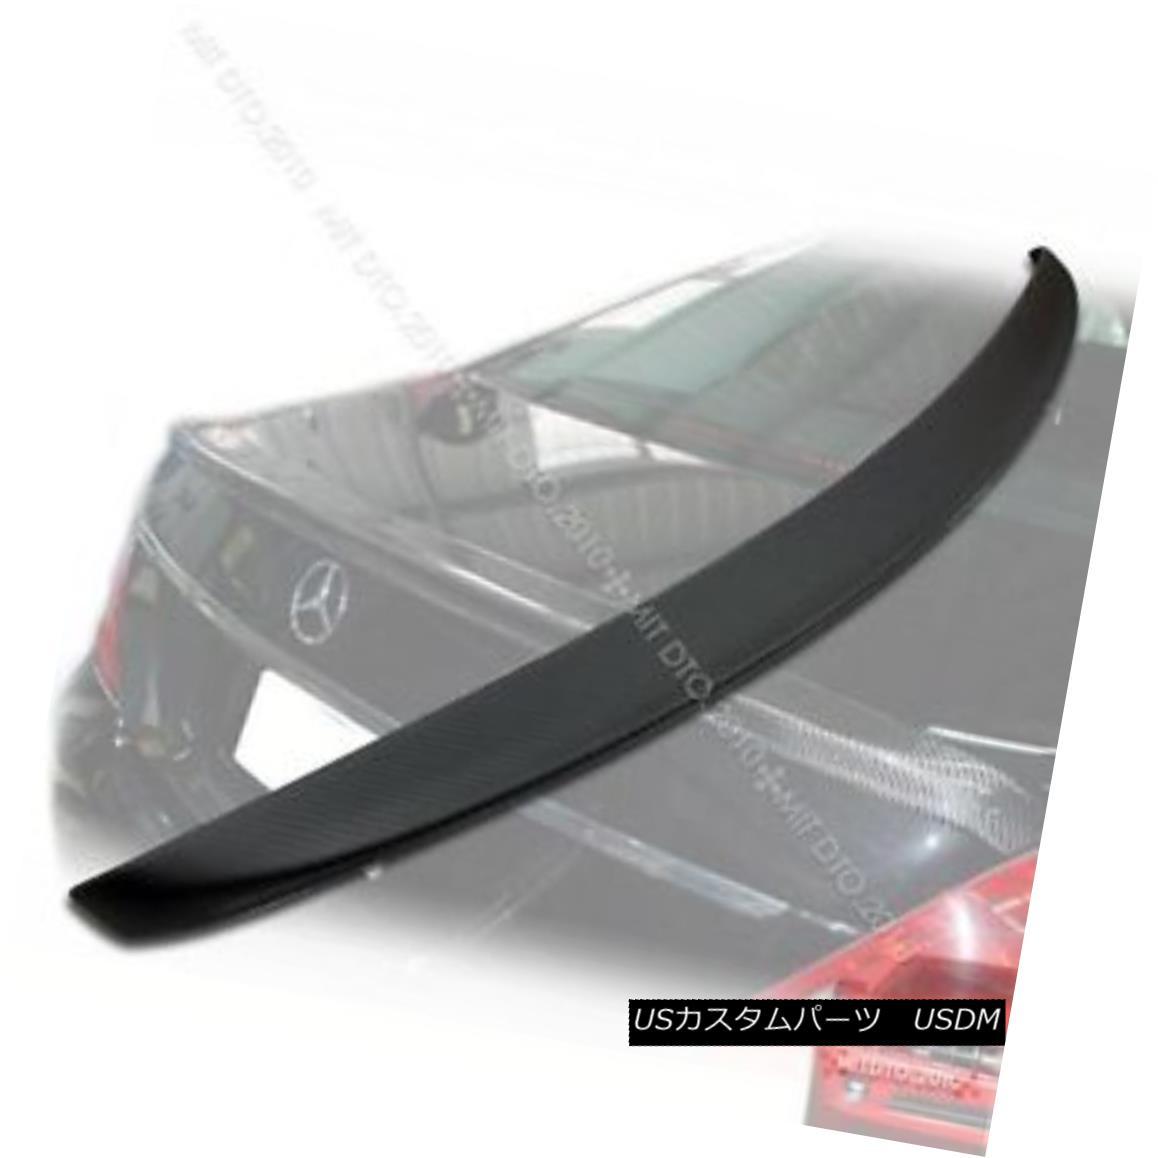 エアロパーツ Carbon Fiber Matte Black for Mercedes Benz W221 A-Type Trunk Spoiler § メルセデスベンツW221用カーボンファイバーマットブラックA型トランクスポイラー